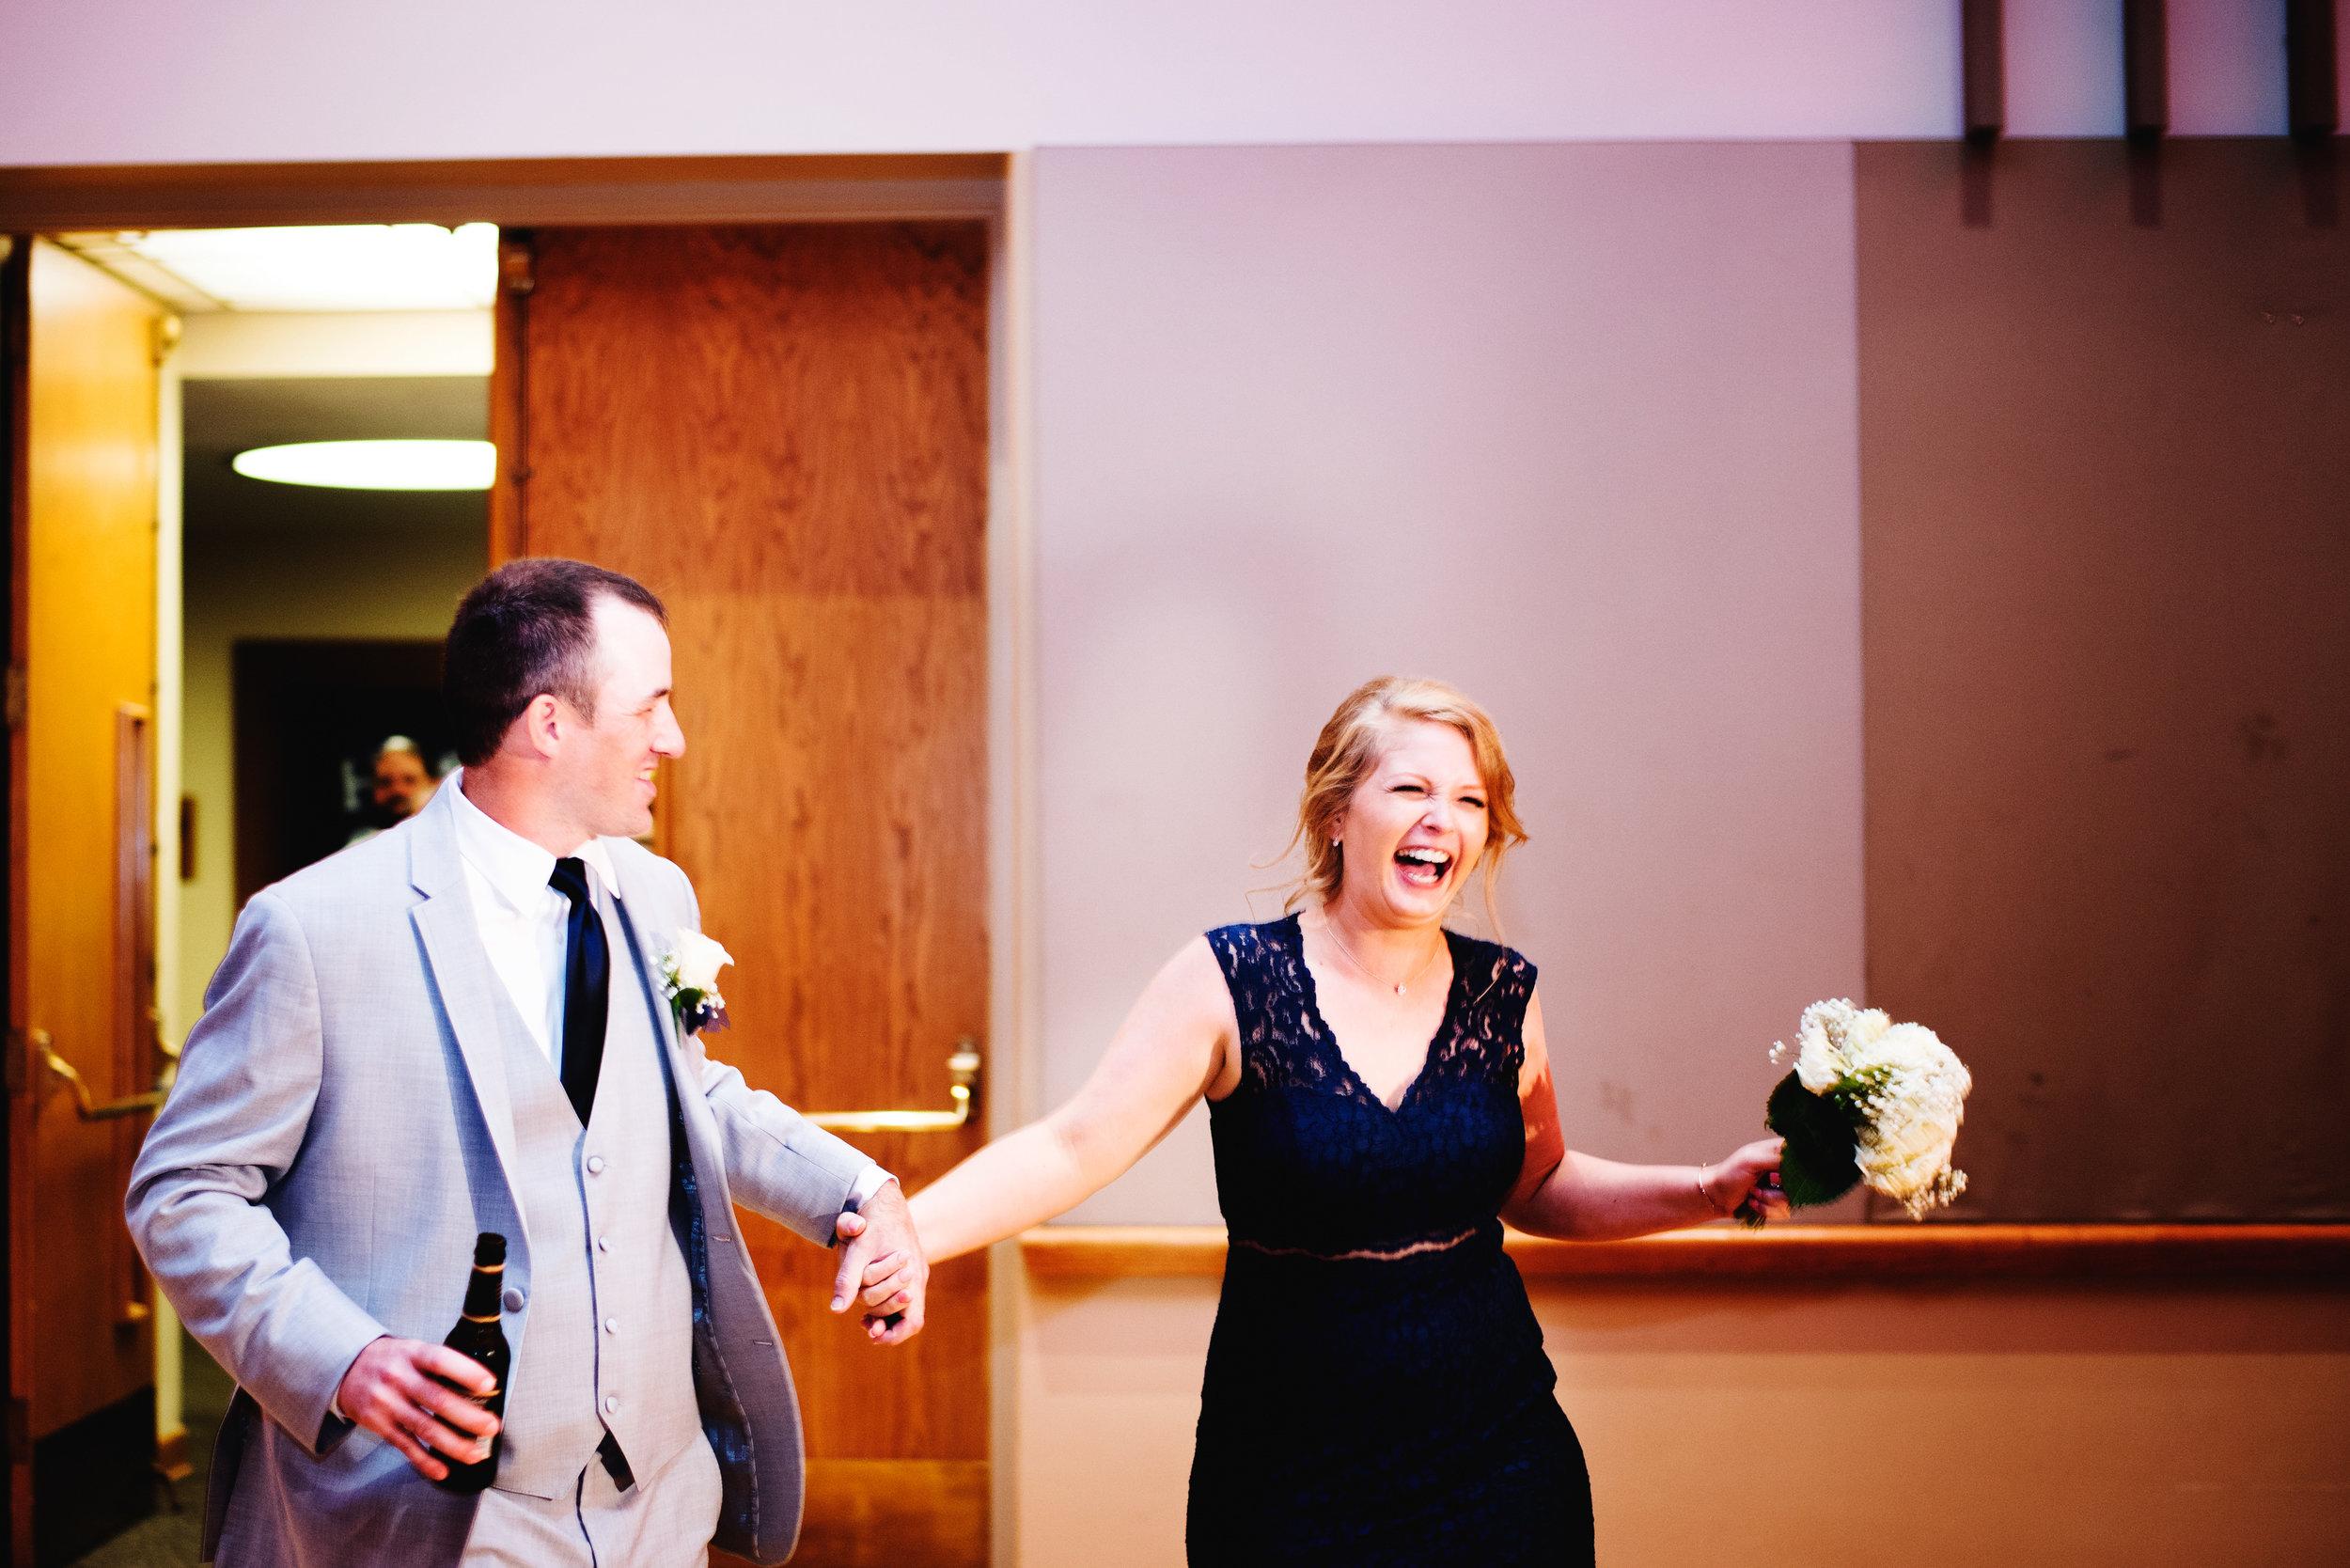 King-Northern-Illinois-University-Wedding095.jpg